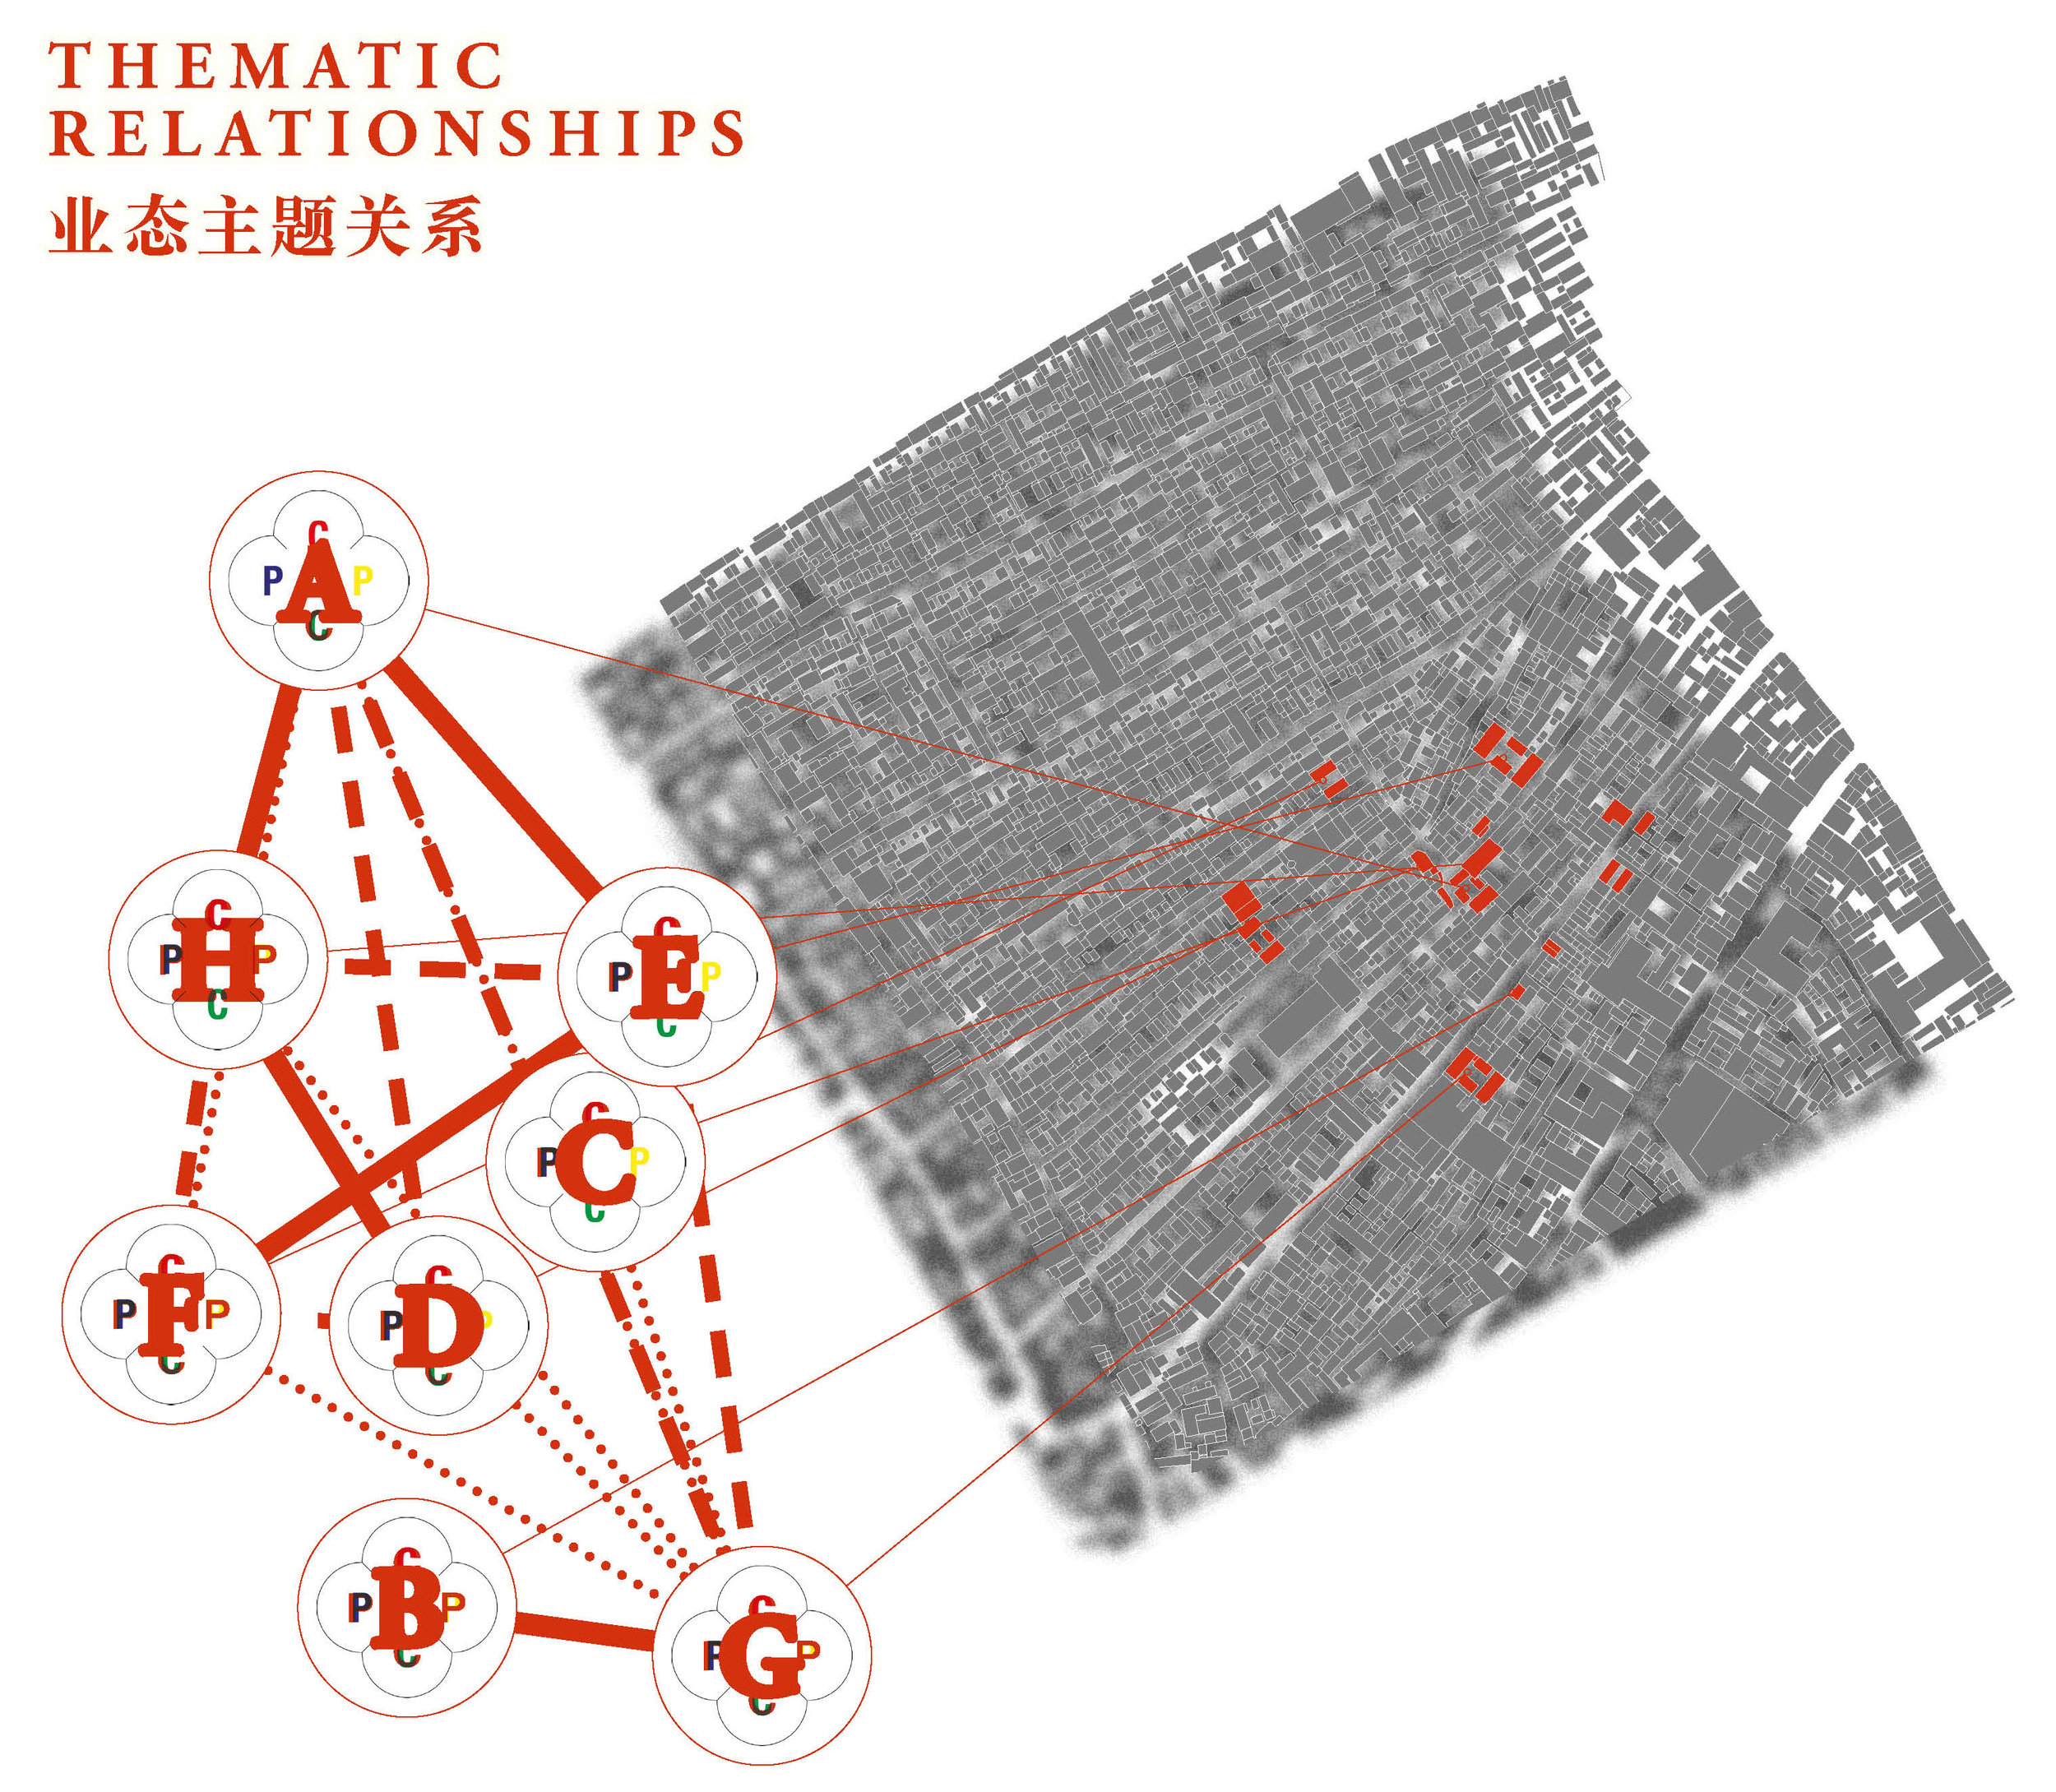 """组织空间关系而非业态类型   综合前面对标签的评分、对不同业态所拥有的标签综合评分,在图谱上反映的是节点簇中不同业态之间的关系。A类商业同时拥有""""在地专家""""""""独立文化圈""""""""文化游客""""""""另类文艺""""4个标签,位于节点簇的核心位置,表明这是一个节点簇的关键节点,围绕它的其他几个业态相互共享部分标签相互有关联,同时它们有都和关键节点有关联。"""